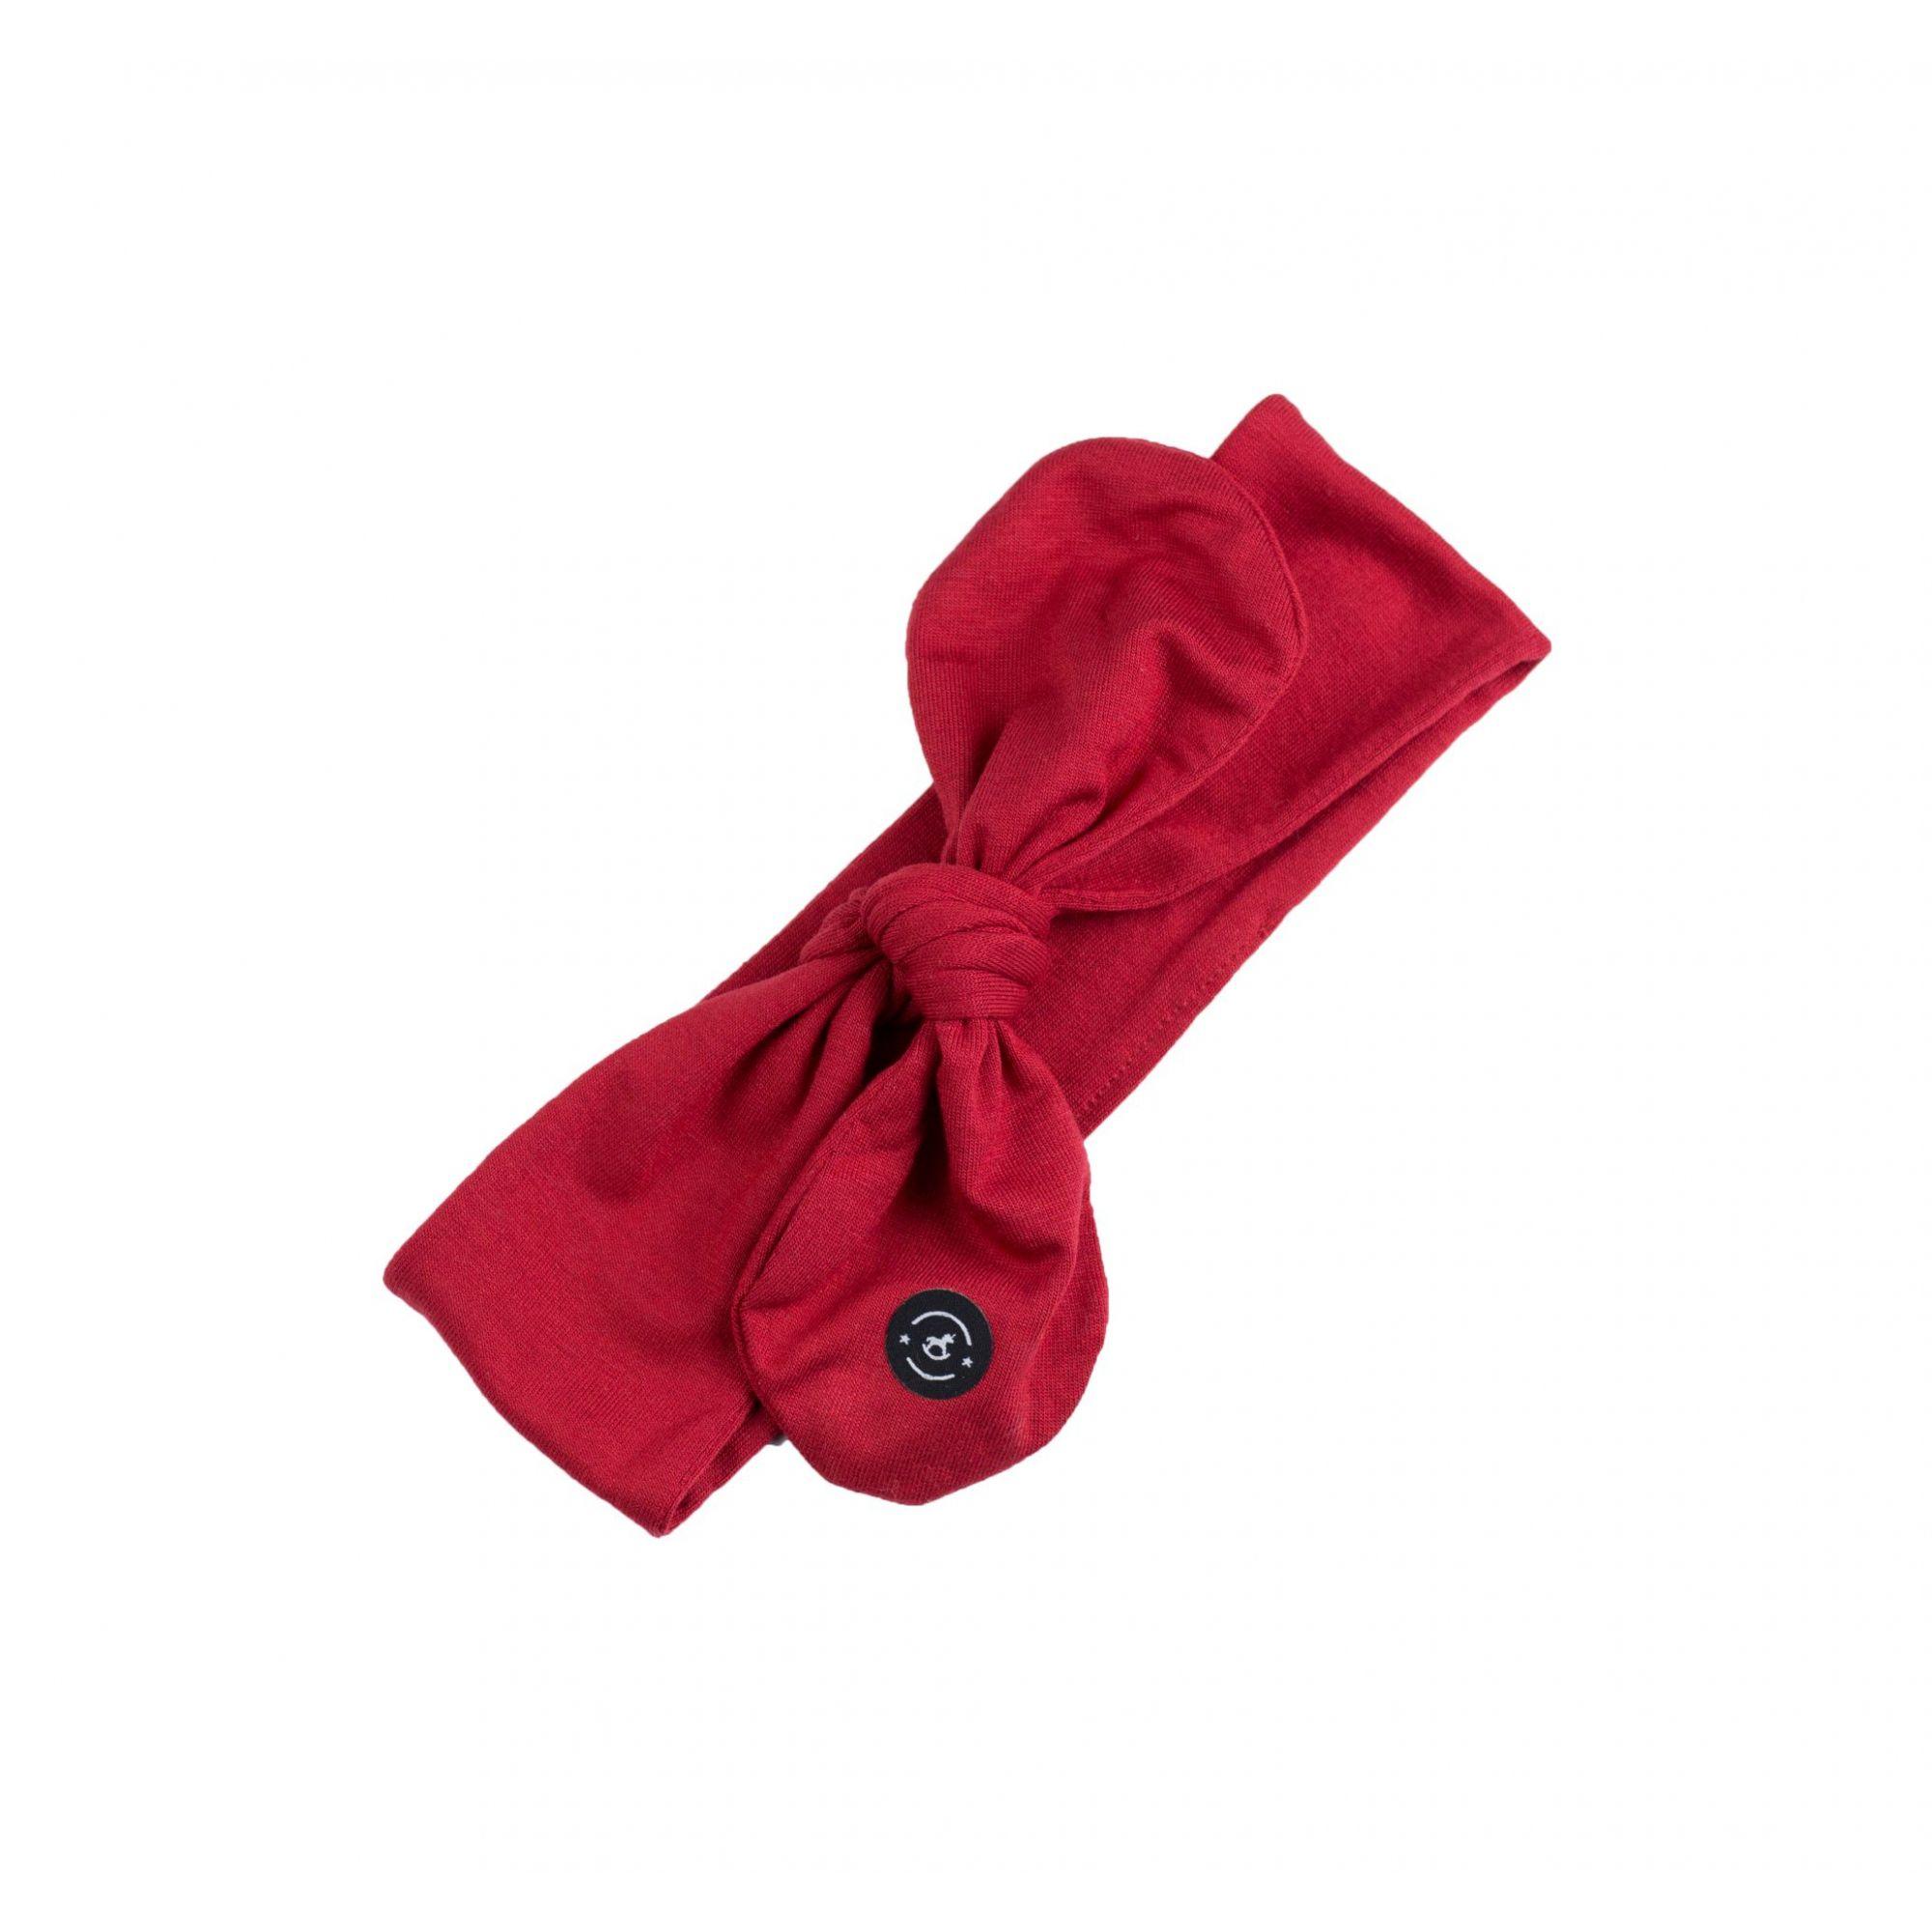 Faixa Knot Betty (Vermelha) - Penka & Co.